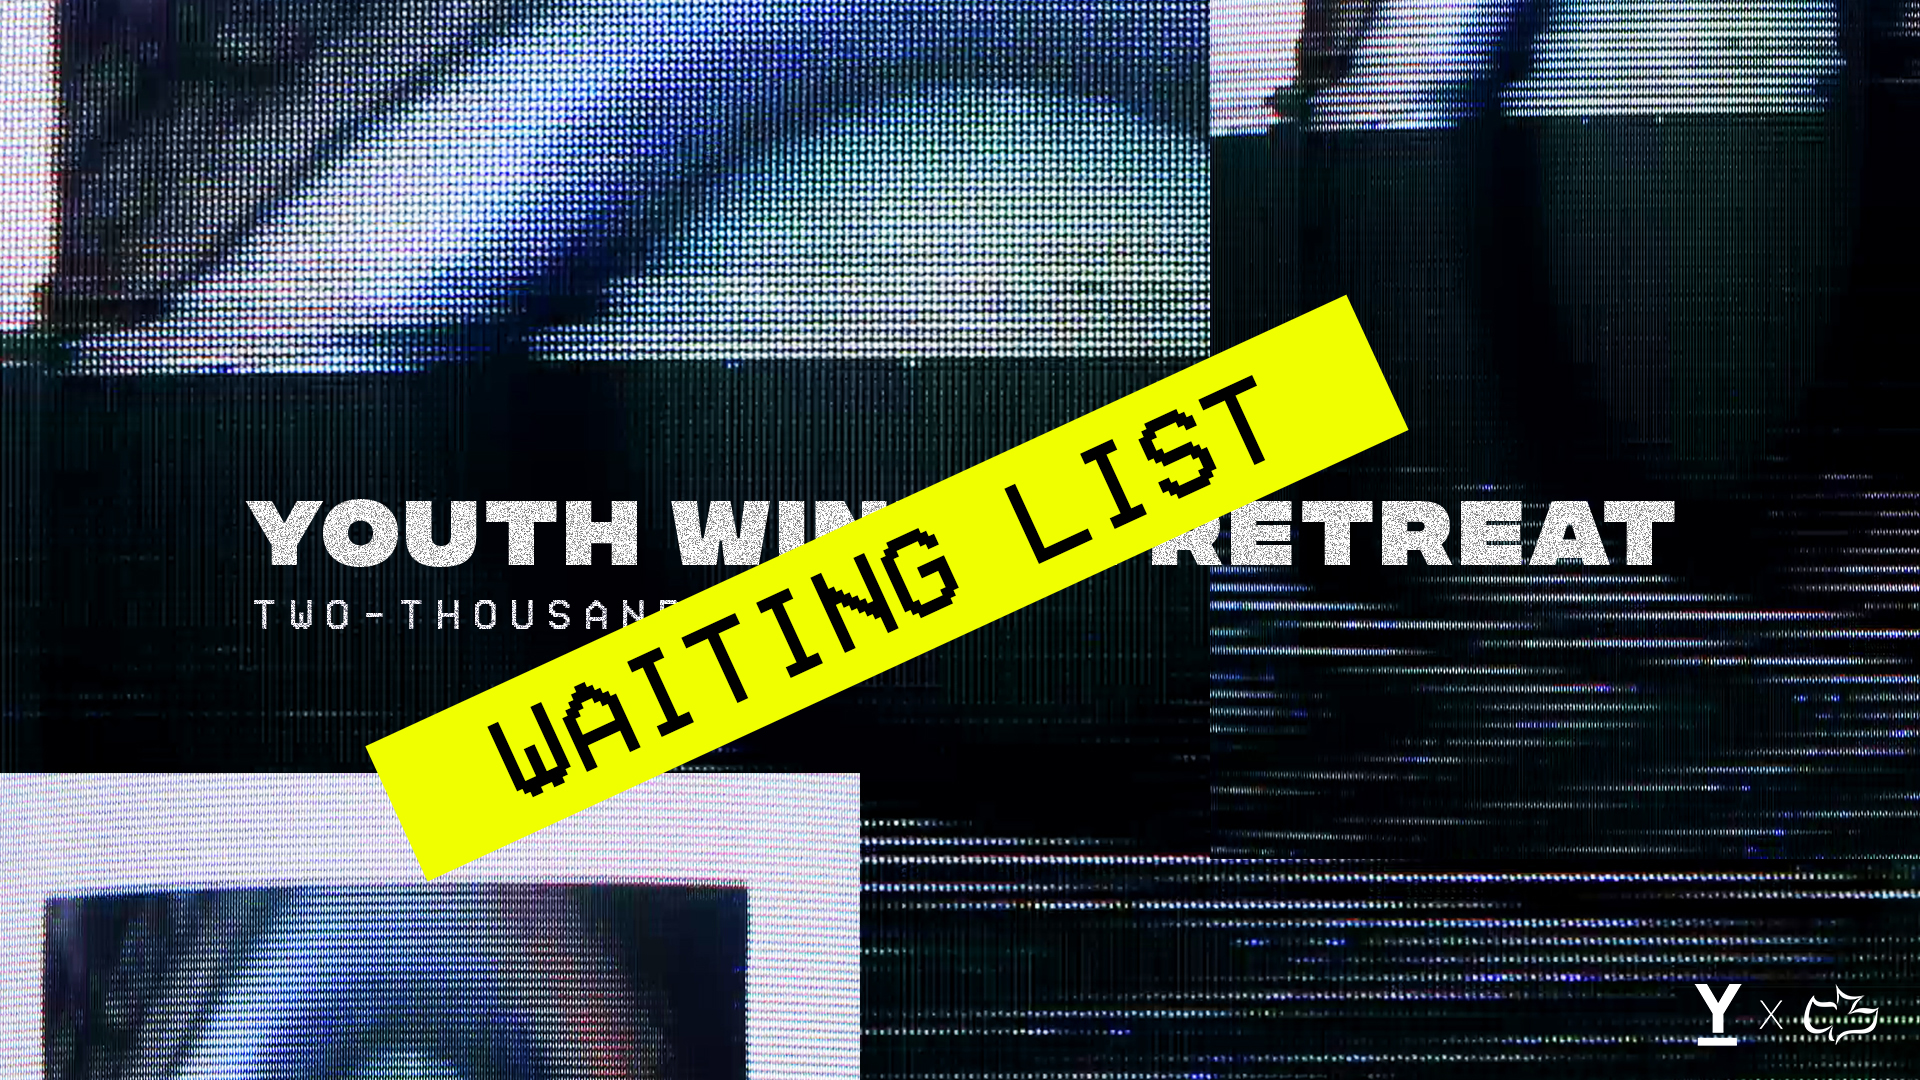 1waiting list.jpg